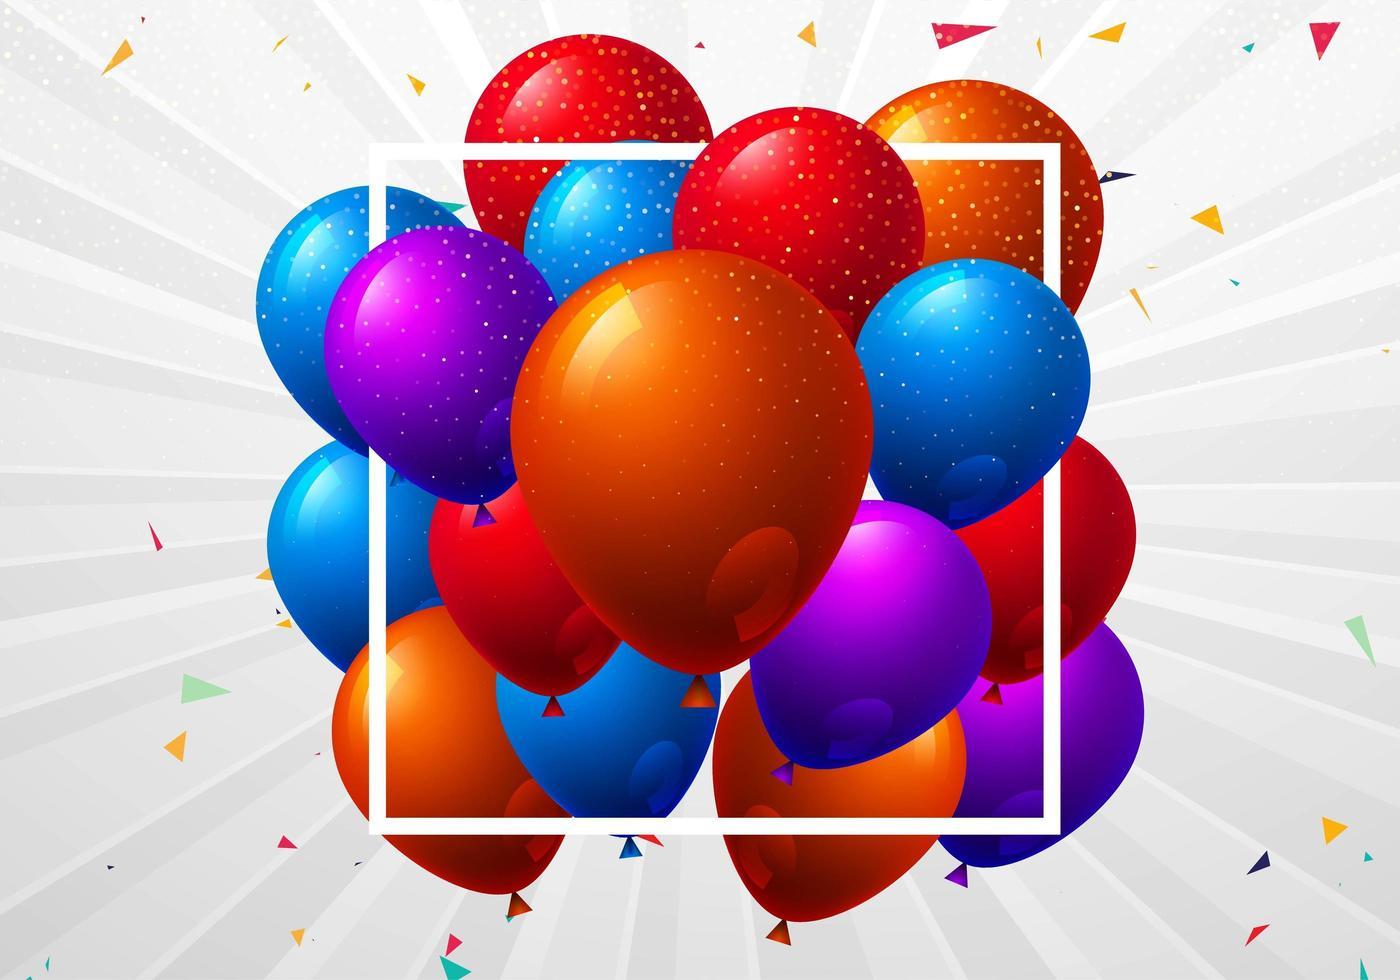 prachtige vliegende kleurrijke ballonnen in wit frame vector